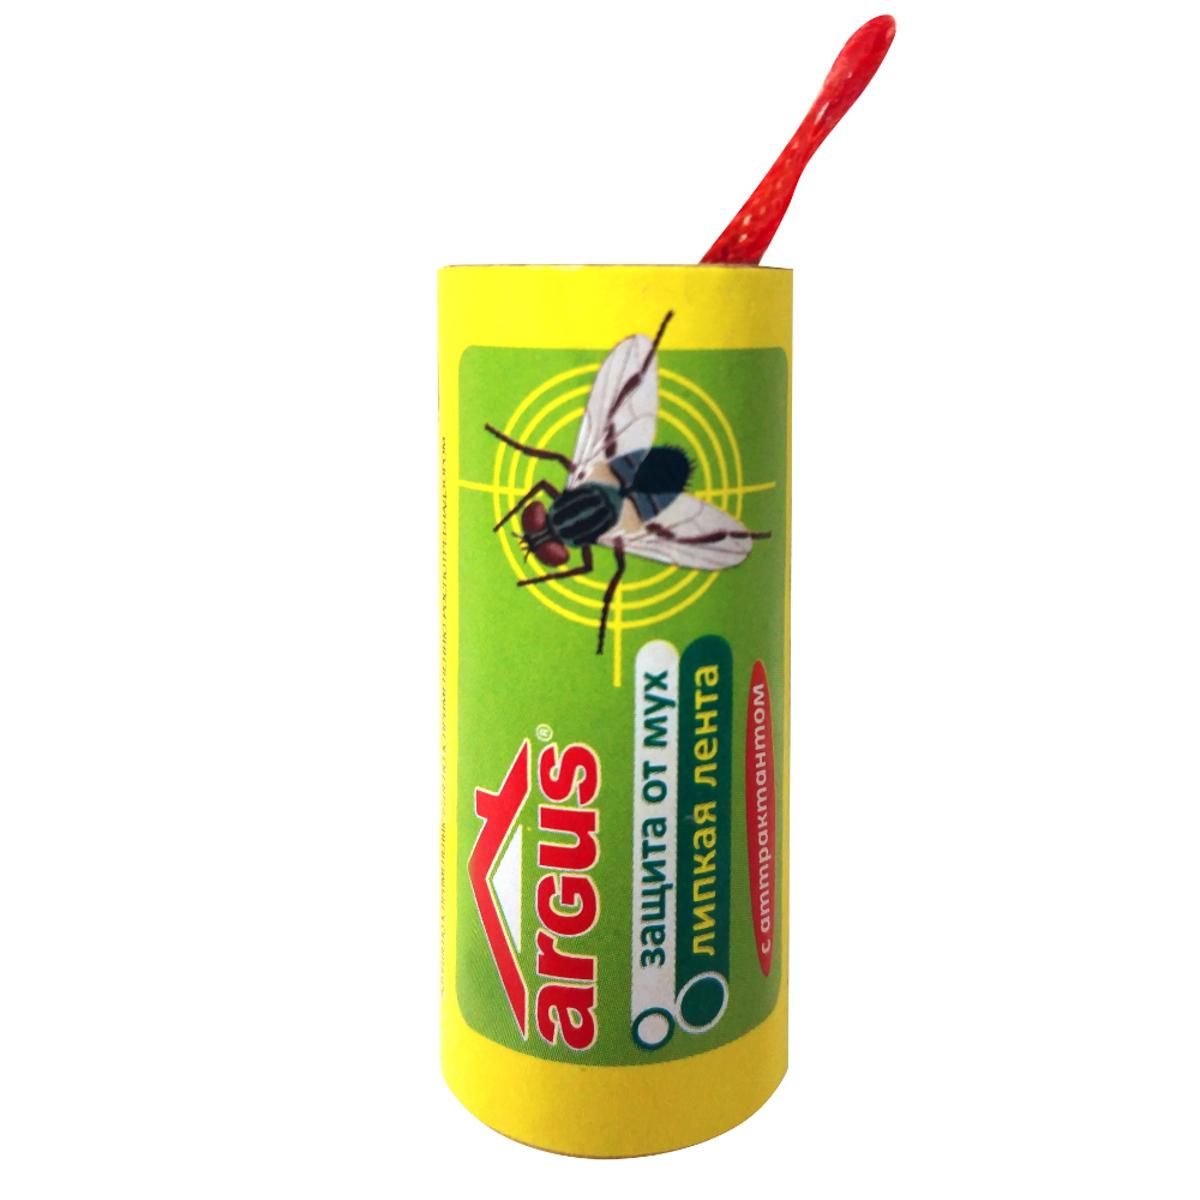 Липкая лента от мух ArgusСЗ.020003Липкая лента Argus - это удобное и простое в использовании средство, которое надежно защитит вас и вашу семью от мух в закрытом помещении или значительно снизит их количество на открытом воздухе. Специальный аттрактант является привлекательной приманкой для мух, что делает липкие ленты Argus наиболее эффективными. Не содержит веществ, опасных для людей и домашних животных. Для помещения площадью 10 м2 требуется 2-3 липучки. Состав: каучук, производные полиизобутилена, аттрактант, масло минеральное.